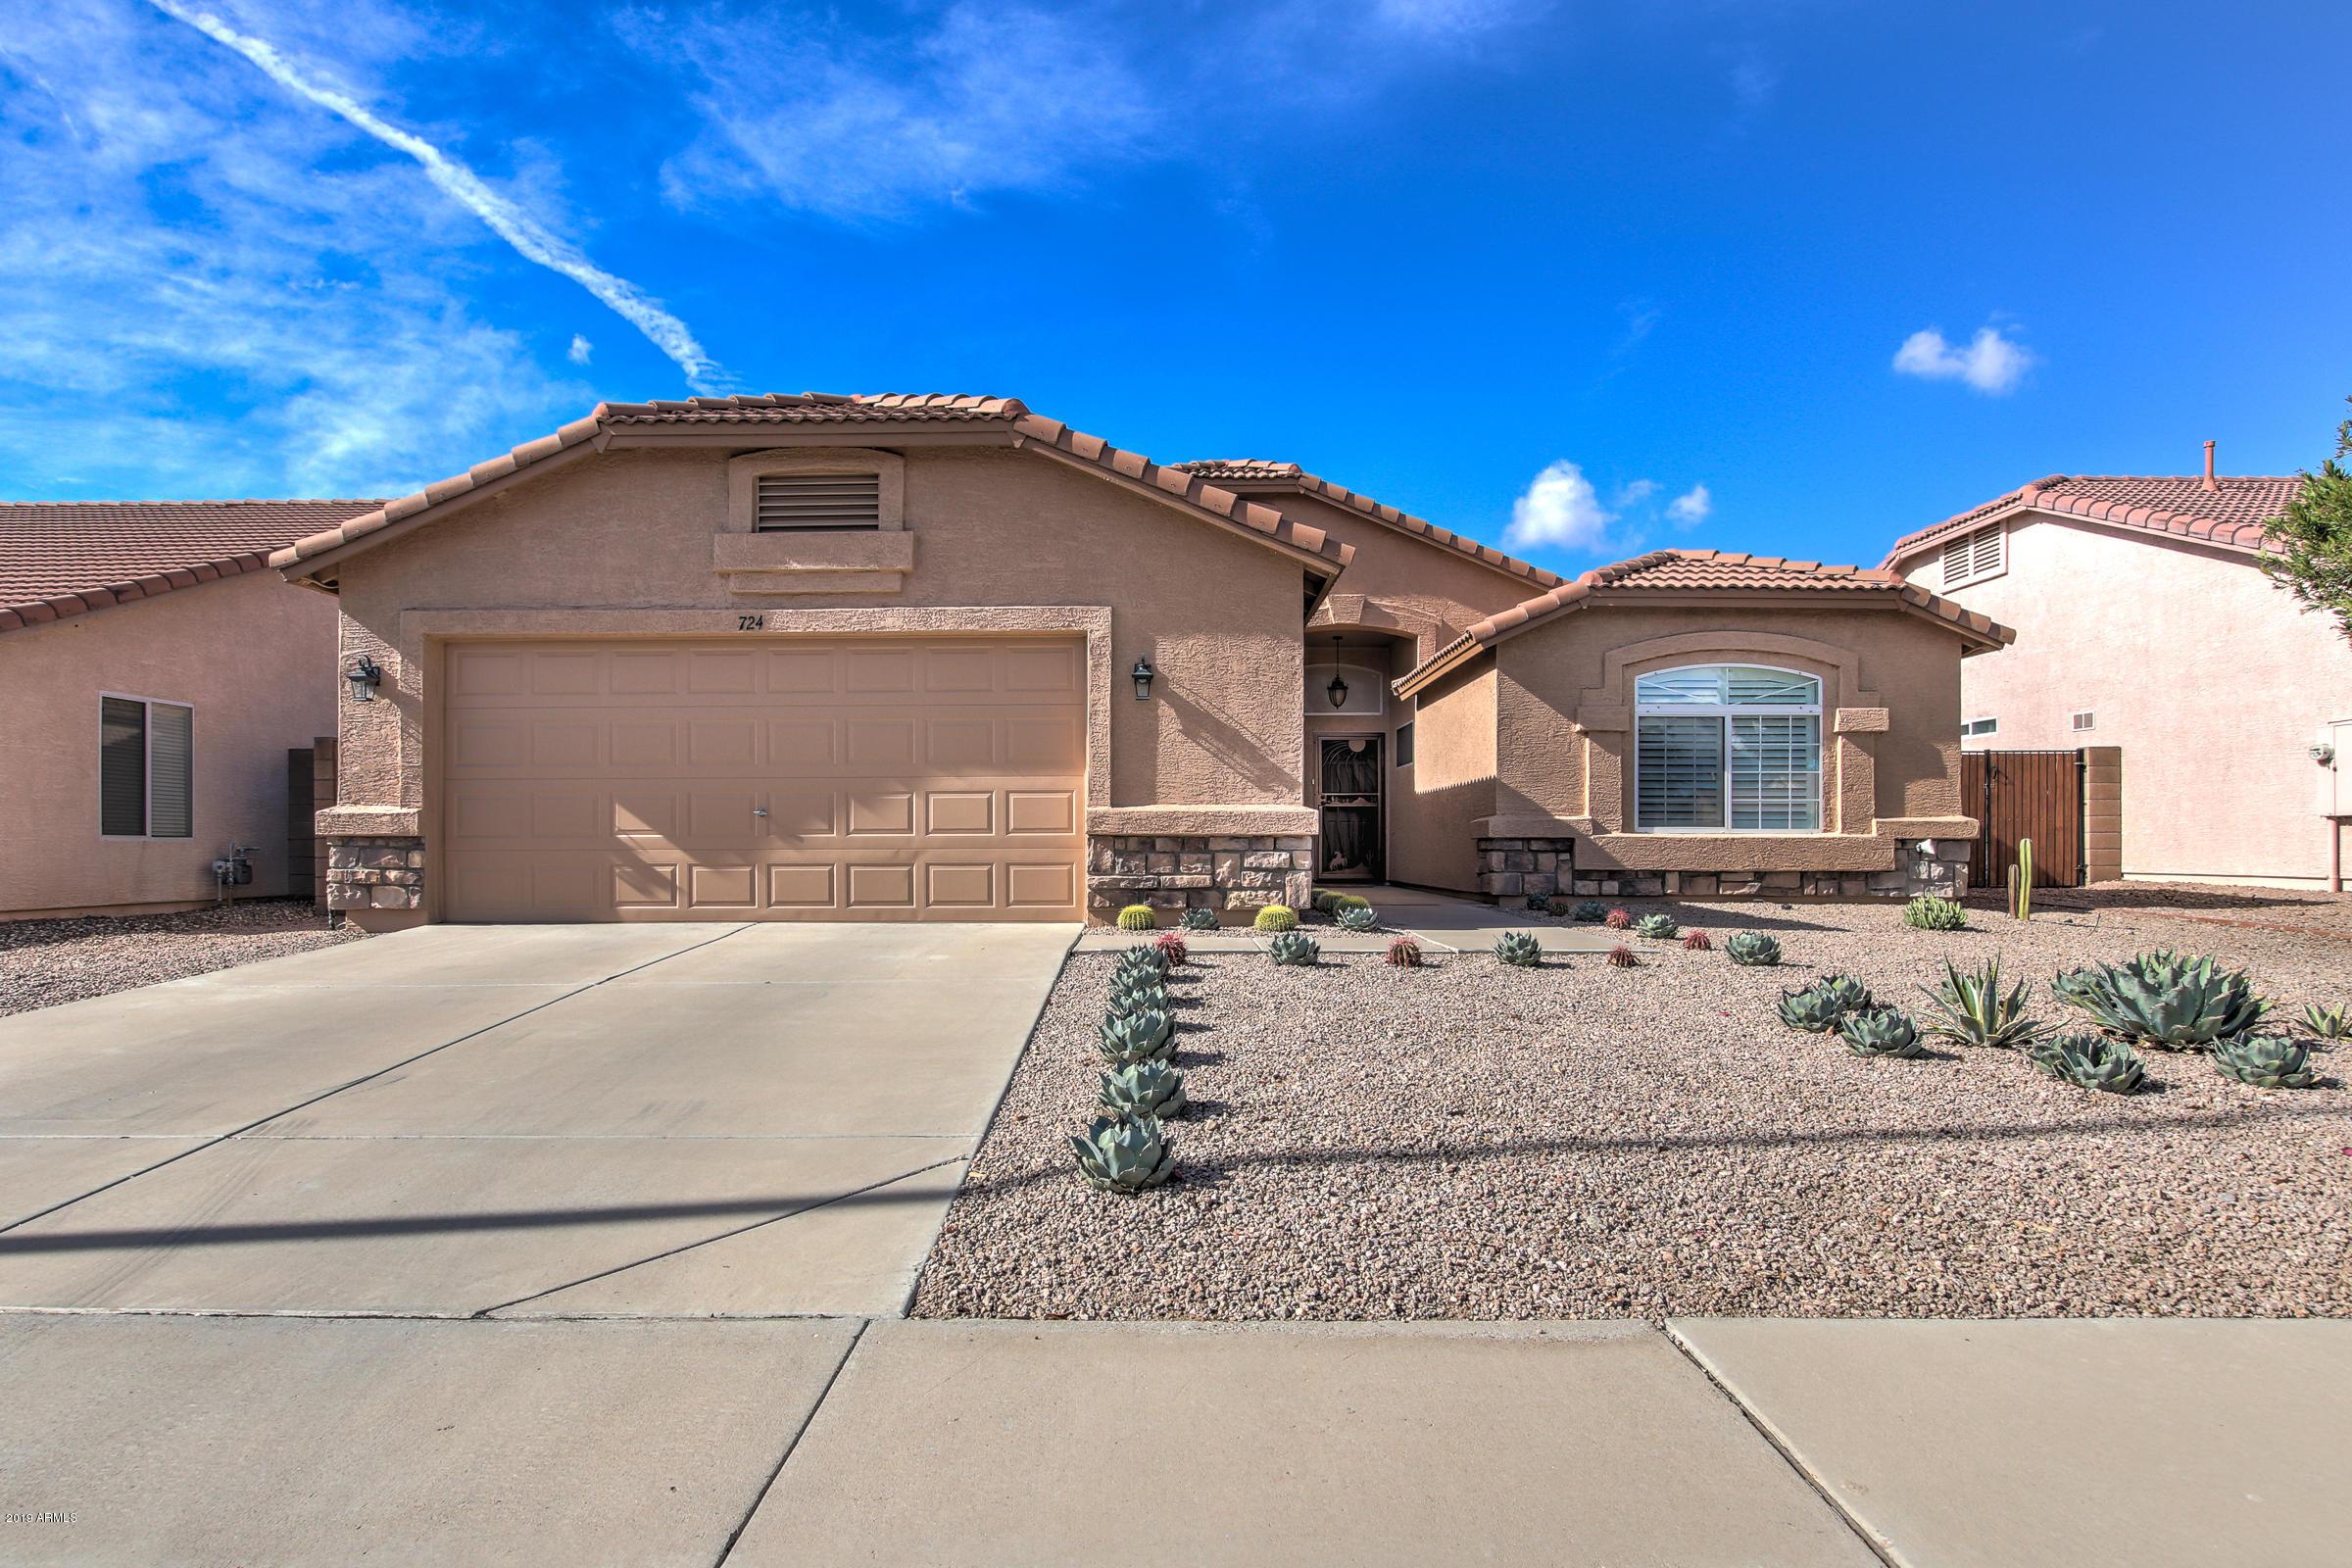 Photo of 724 N EMERY --, Mesa, AZ 85207